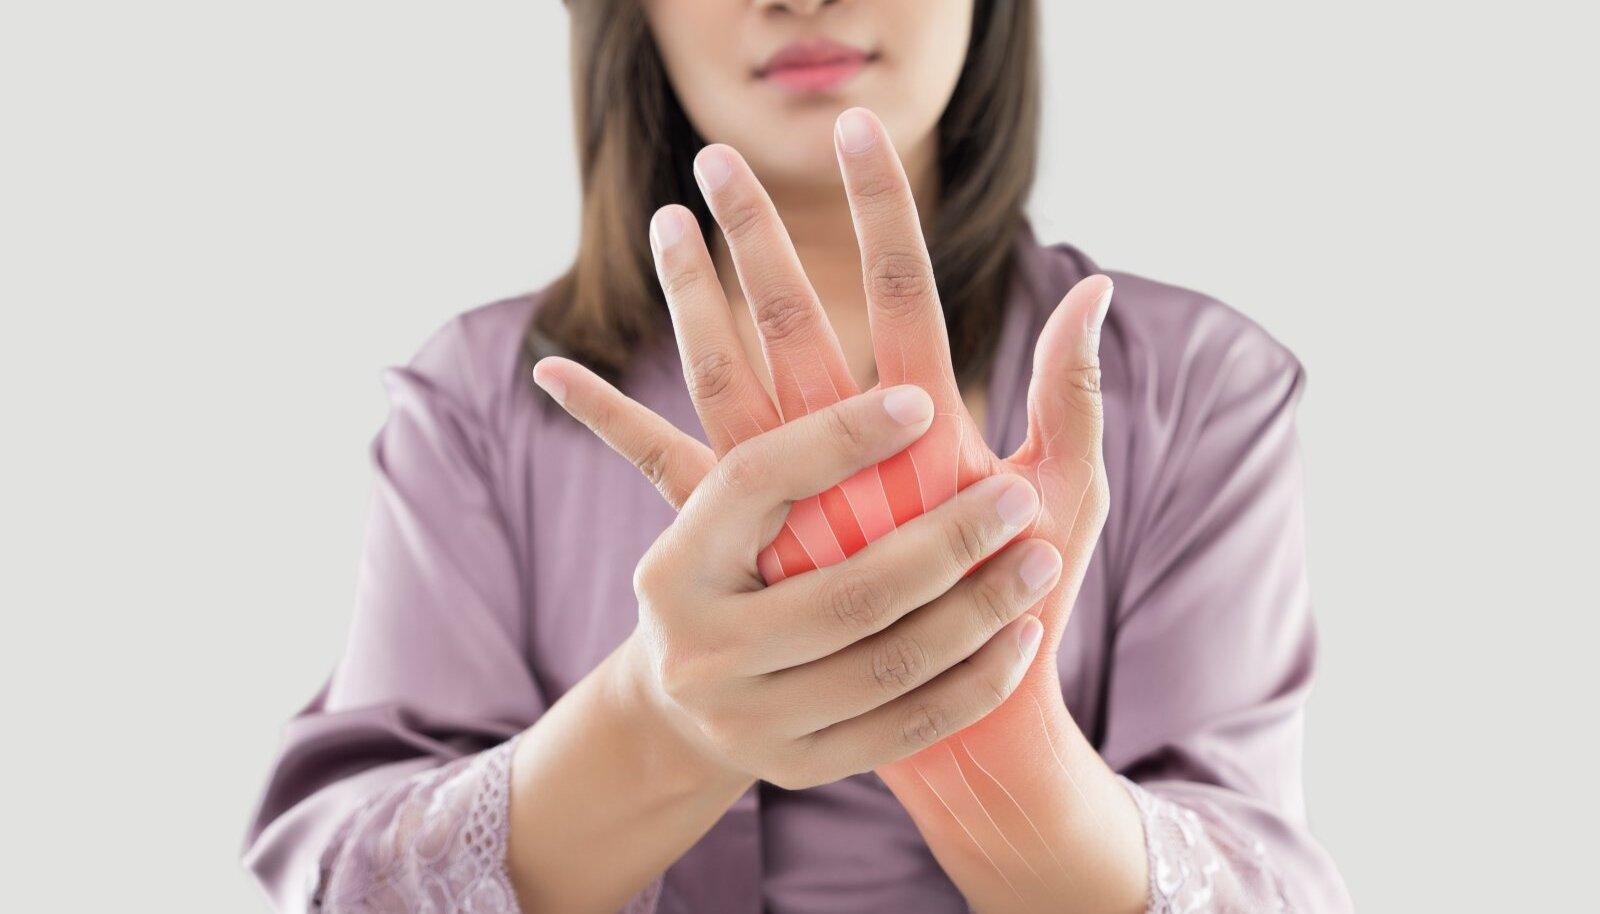 Kui liigesed on valulikud puud haiget ja pigistage sormede liigesed